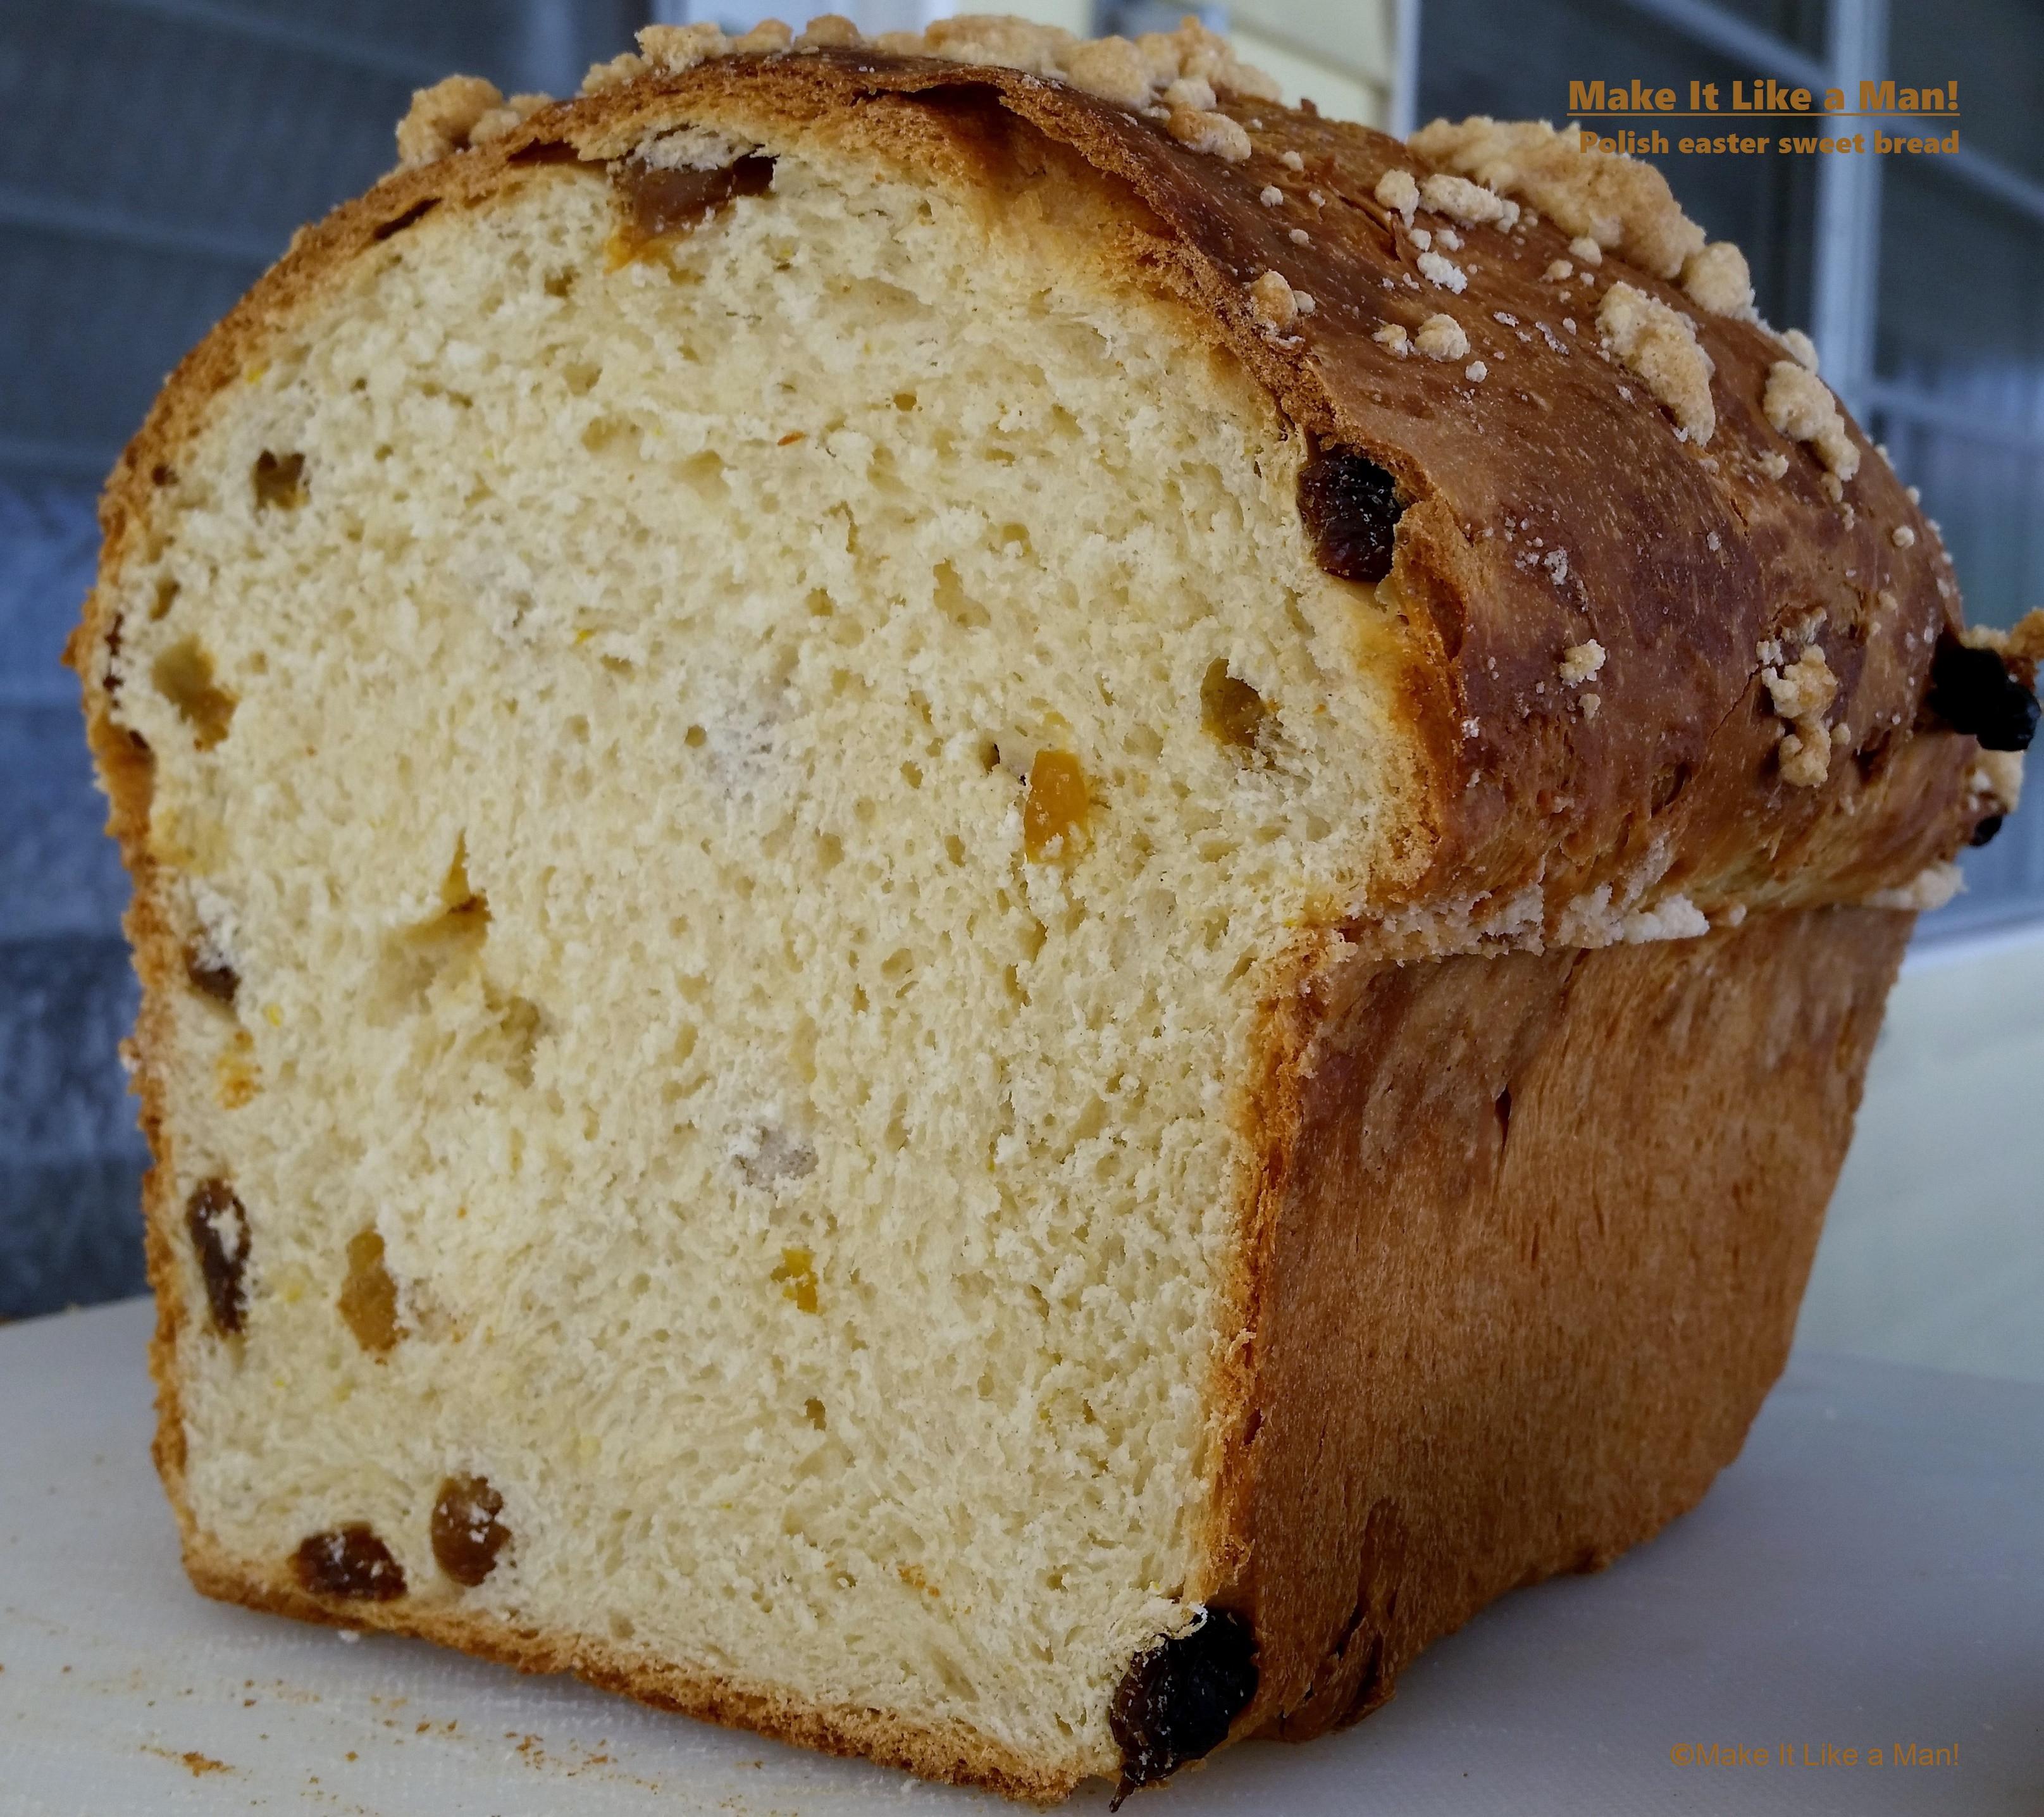 Easter Sweet Bread Recipe  Polish Easter Sweet Bread Make It Like a Man